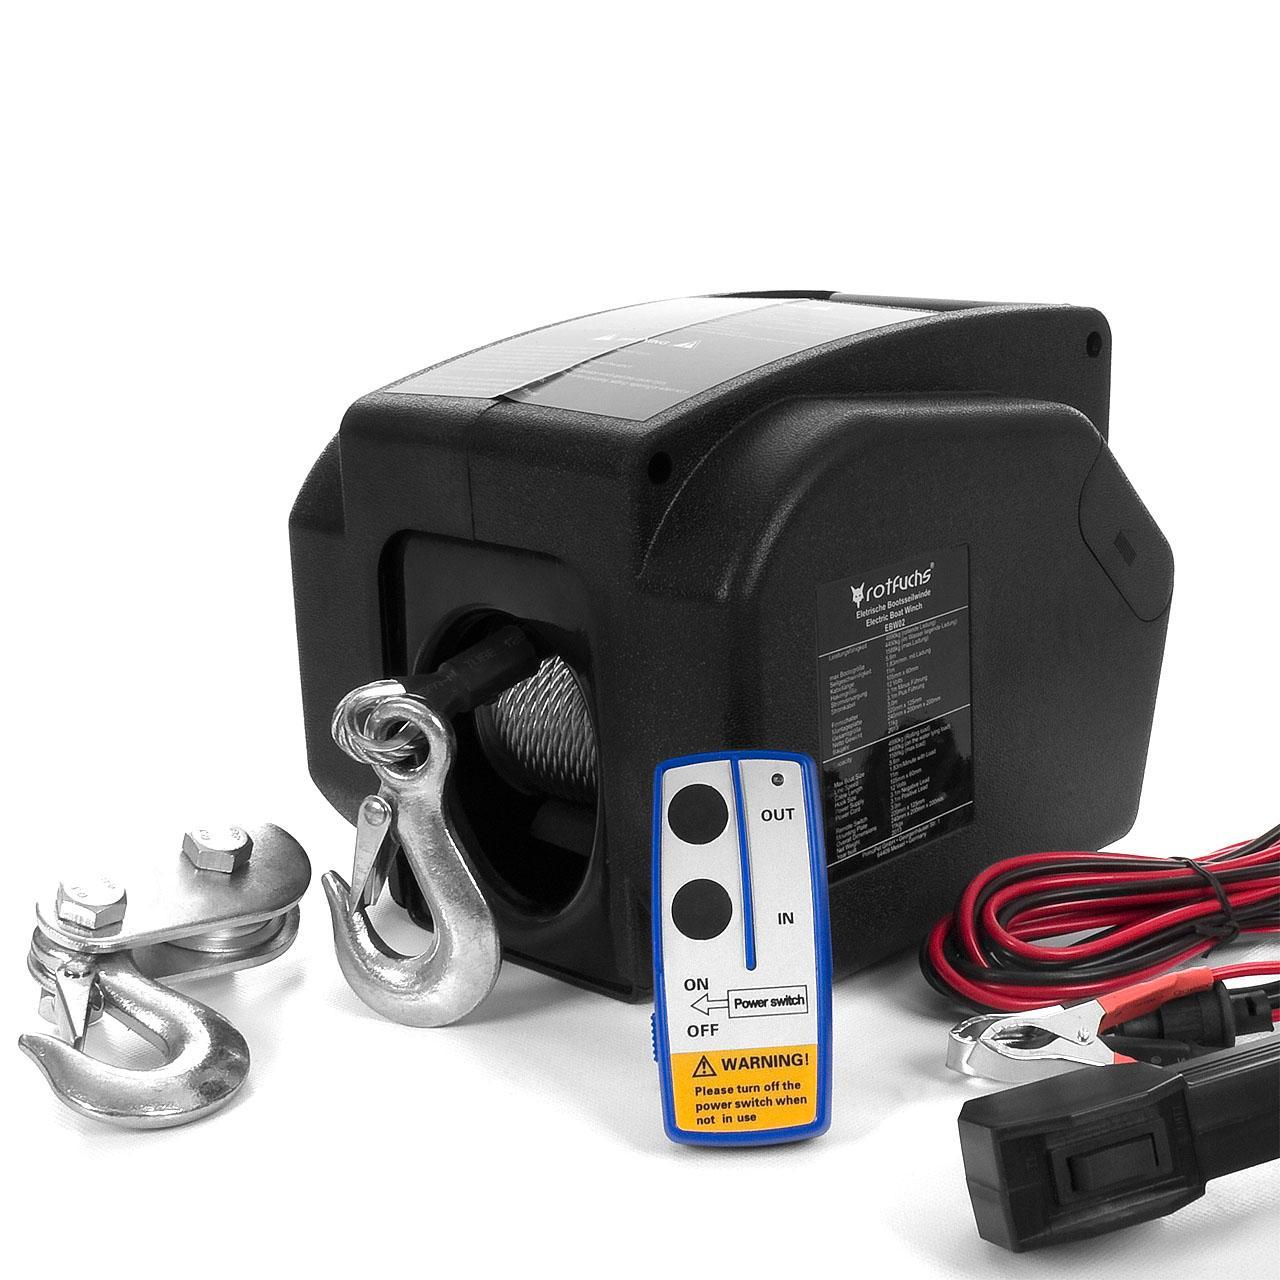 Elektrische-Seilwinde-Motorwinde-12V-2721-4990-KG-Funk-Bootswinde-Winde-Seilzug